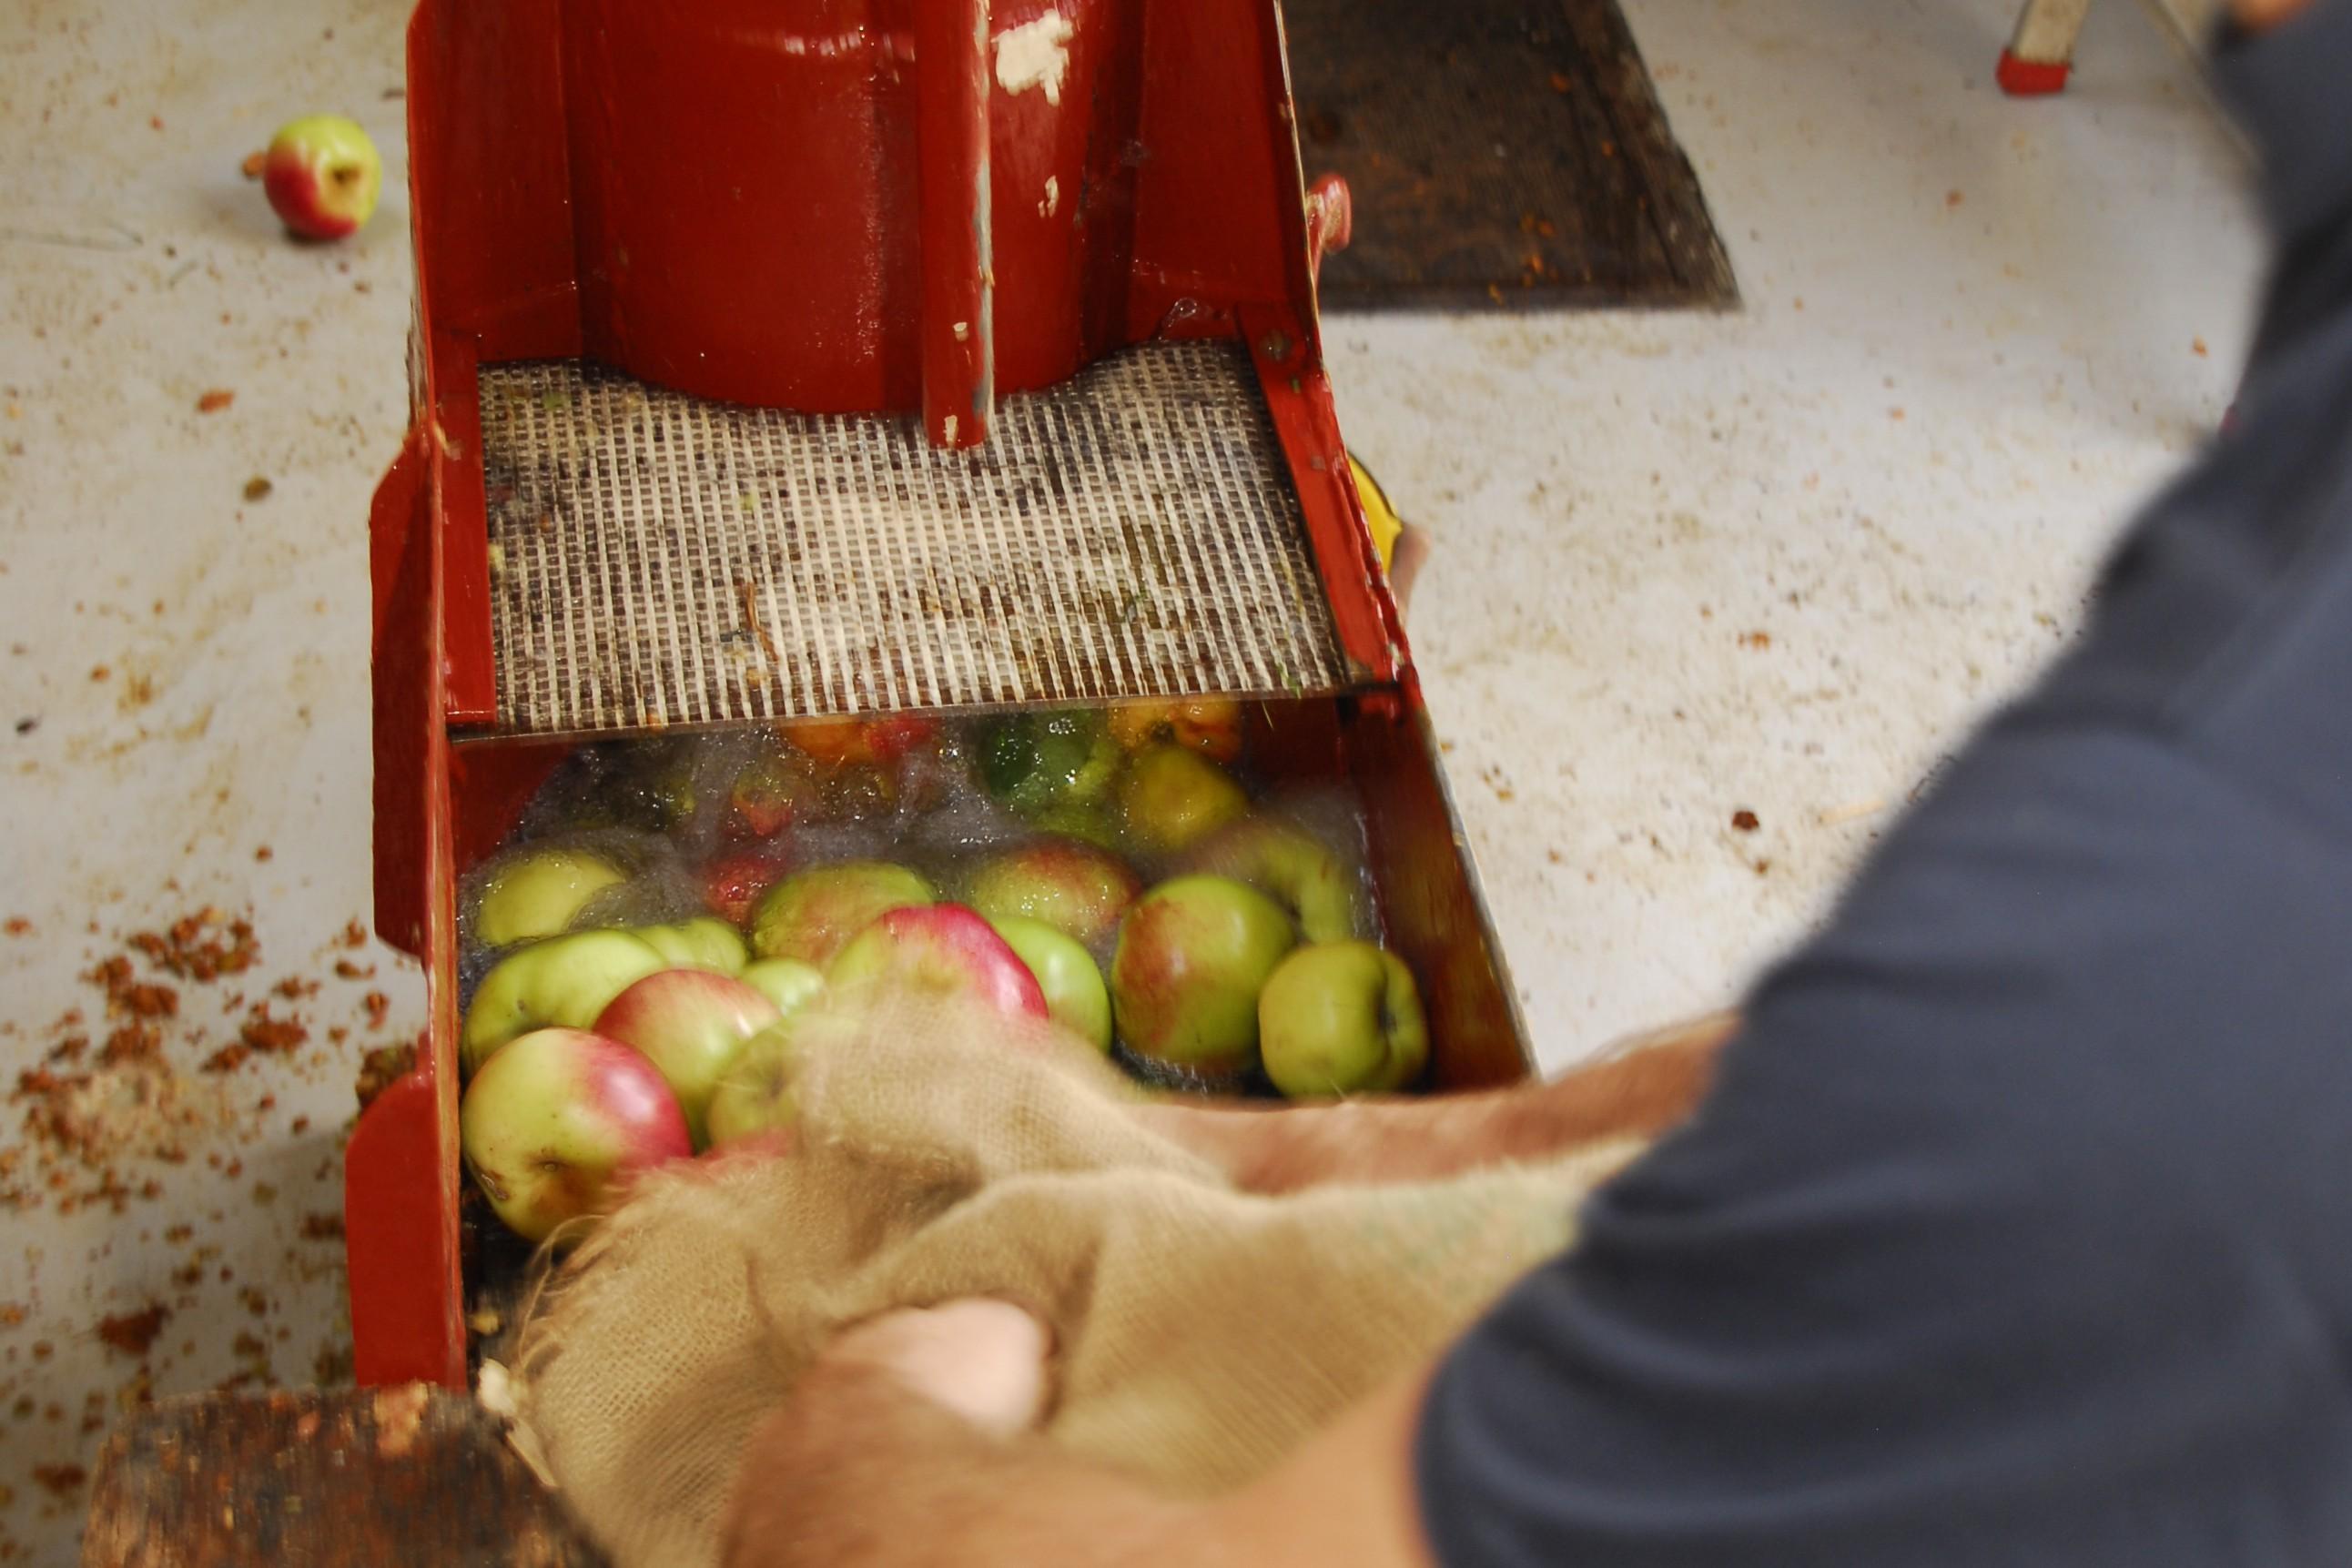 Lavage des pommes